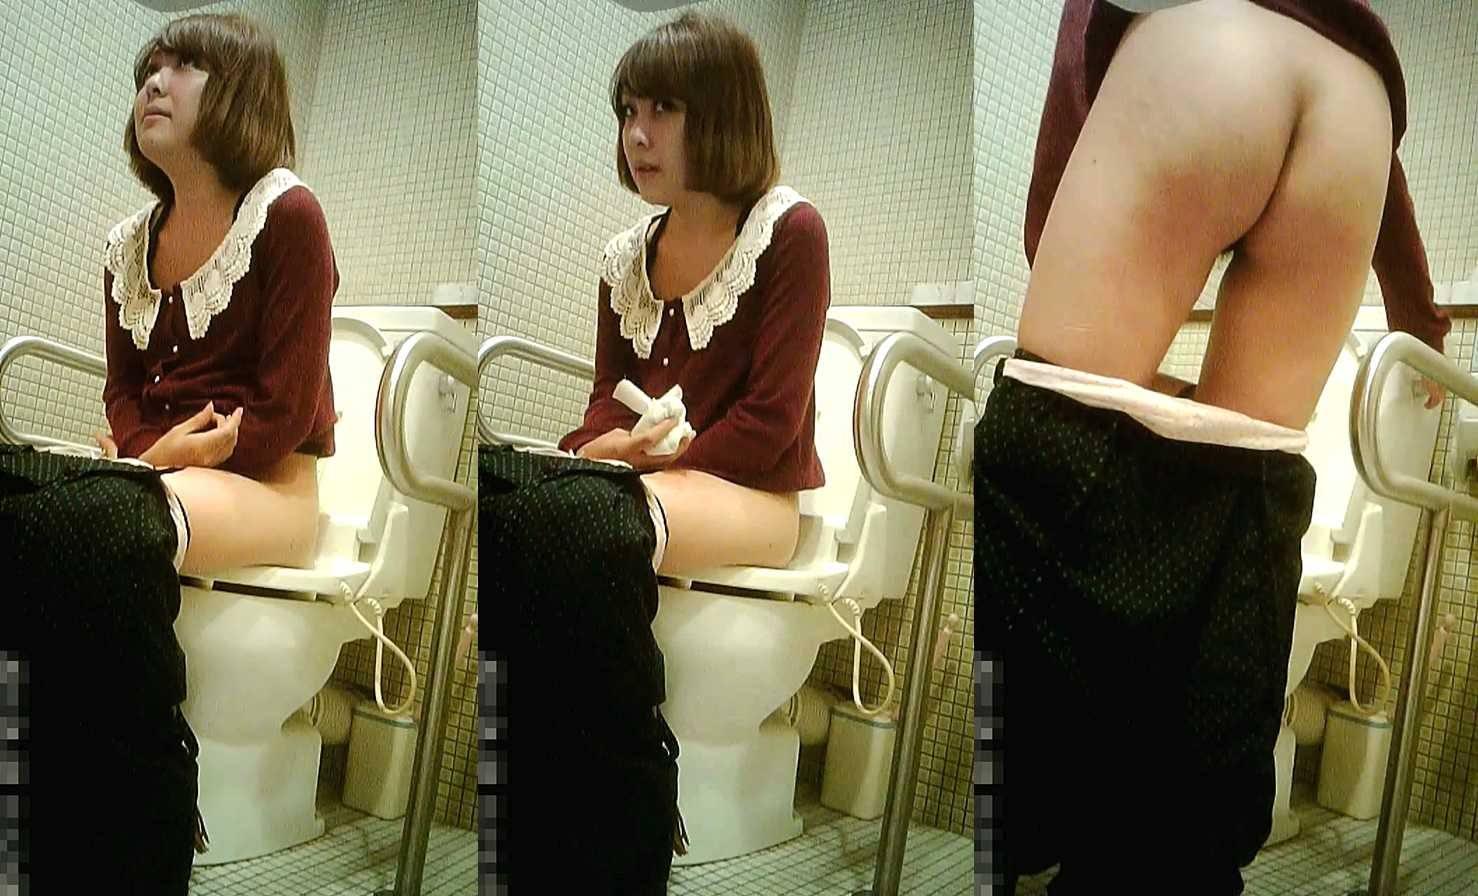 生々しすぎるガチ素人の放尿シーン!!女子トイレ盗撮画像!! 21624